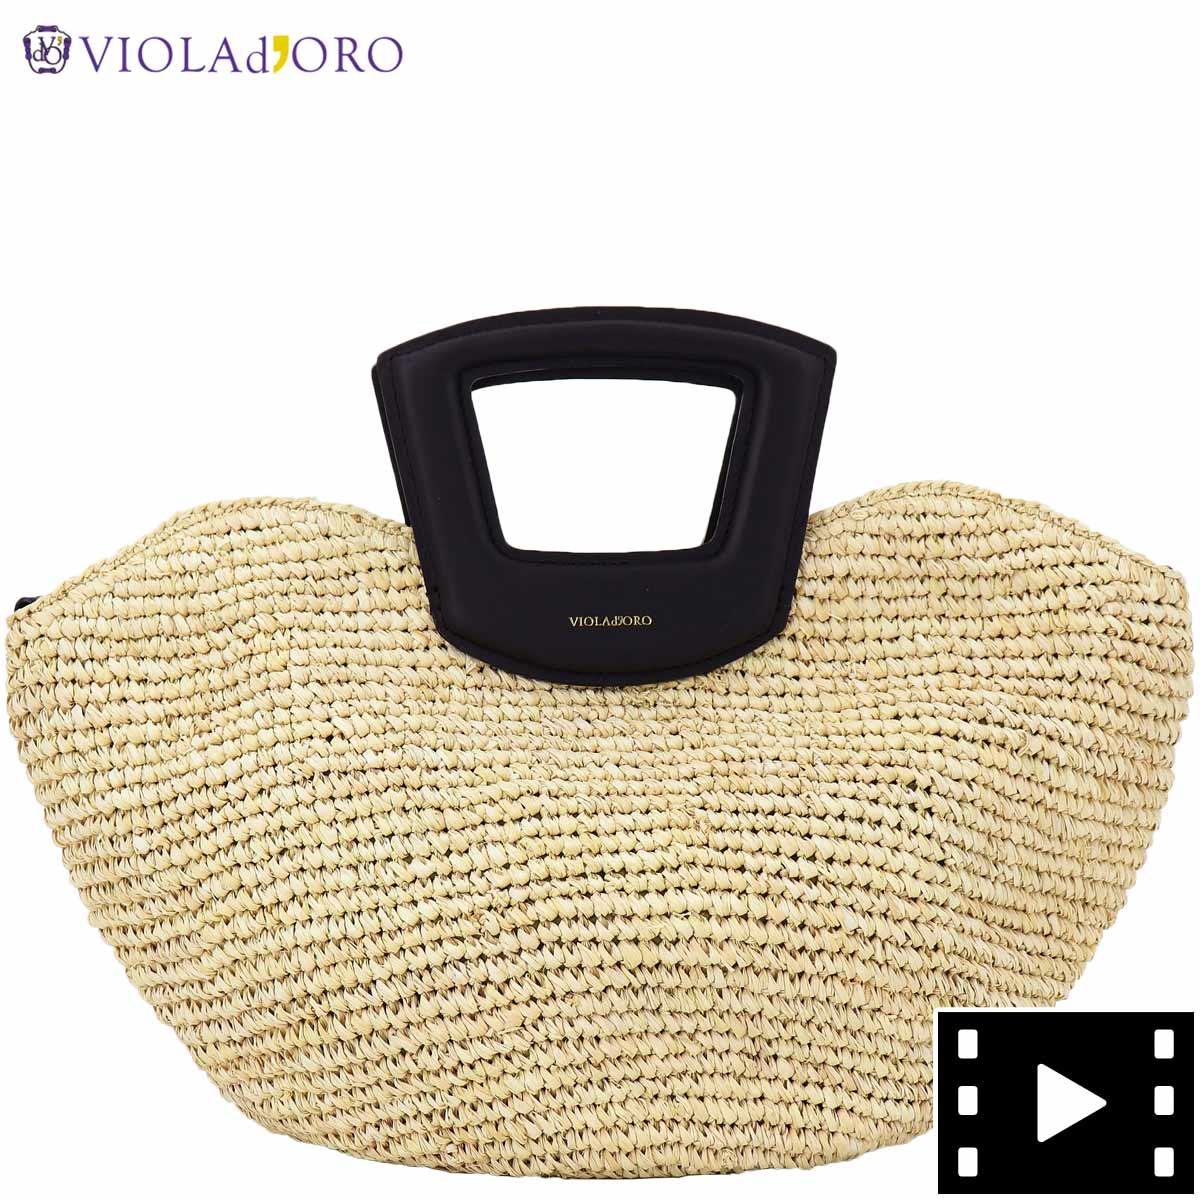 ヴィオラドーロ VIOLAd'ORO レディース ラフィア レザー 2WAY ハンドバッグ SANDRO V-8429 VLD(ブラック) 春夏新作